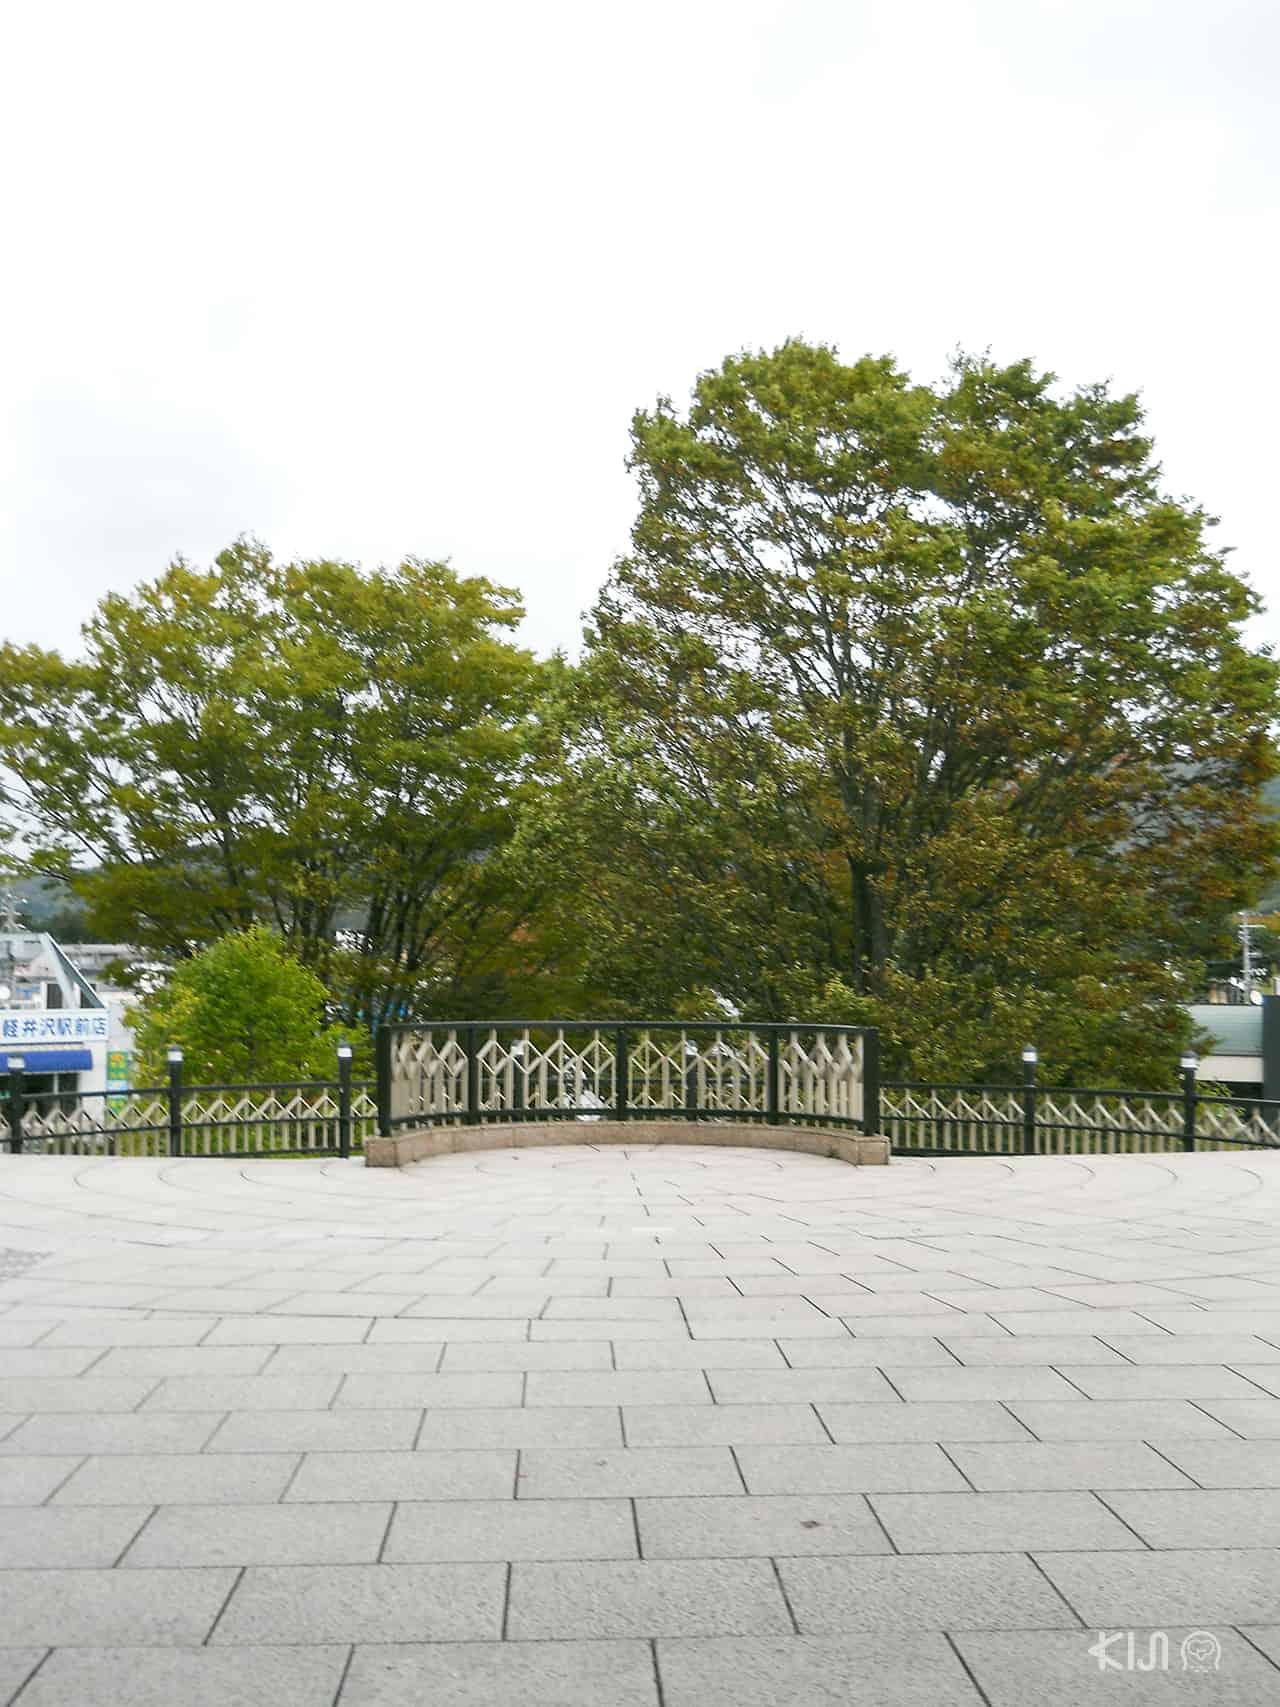 วิวธรรมชาติที่ คารุอิซาวะ (Karauizawa)